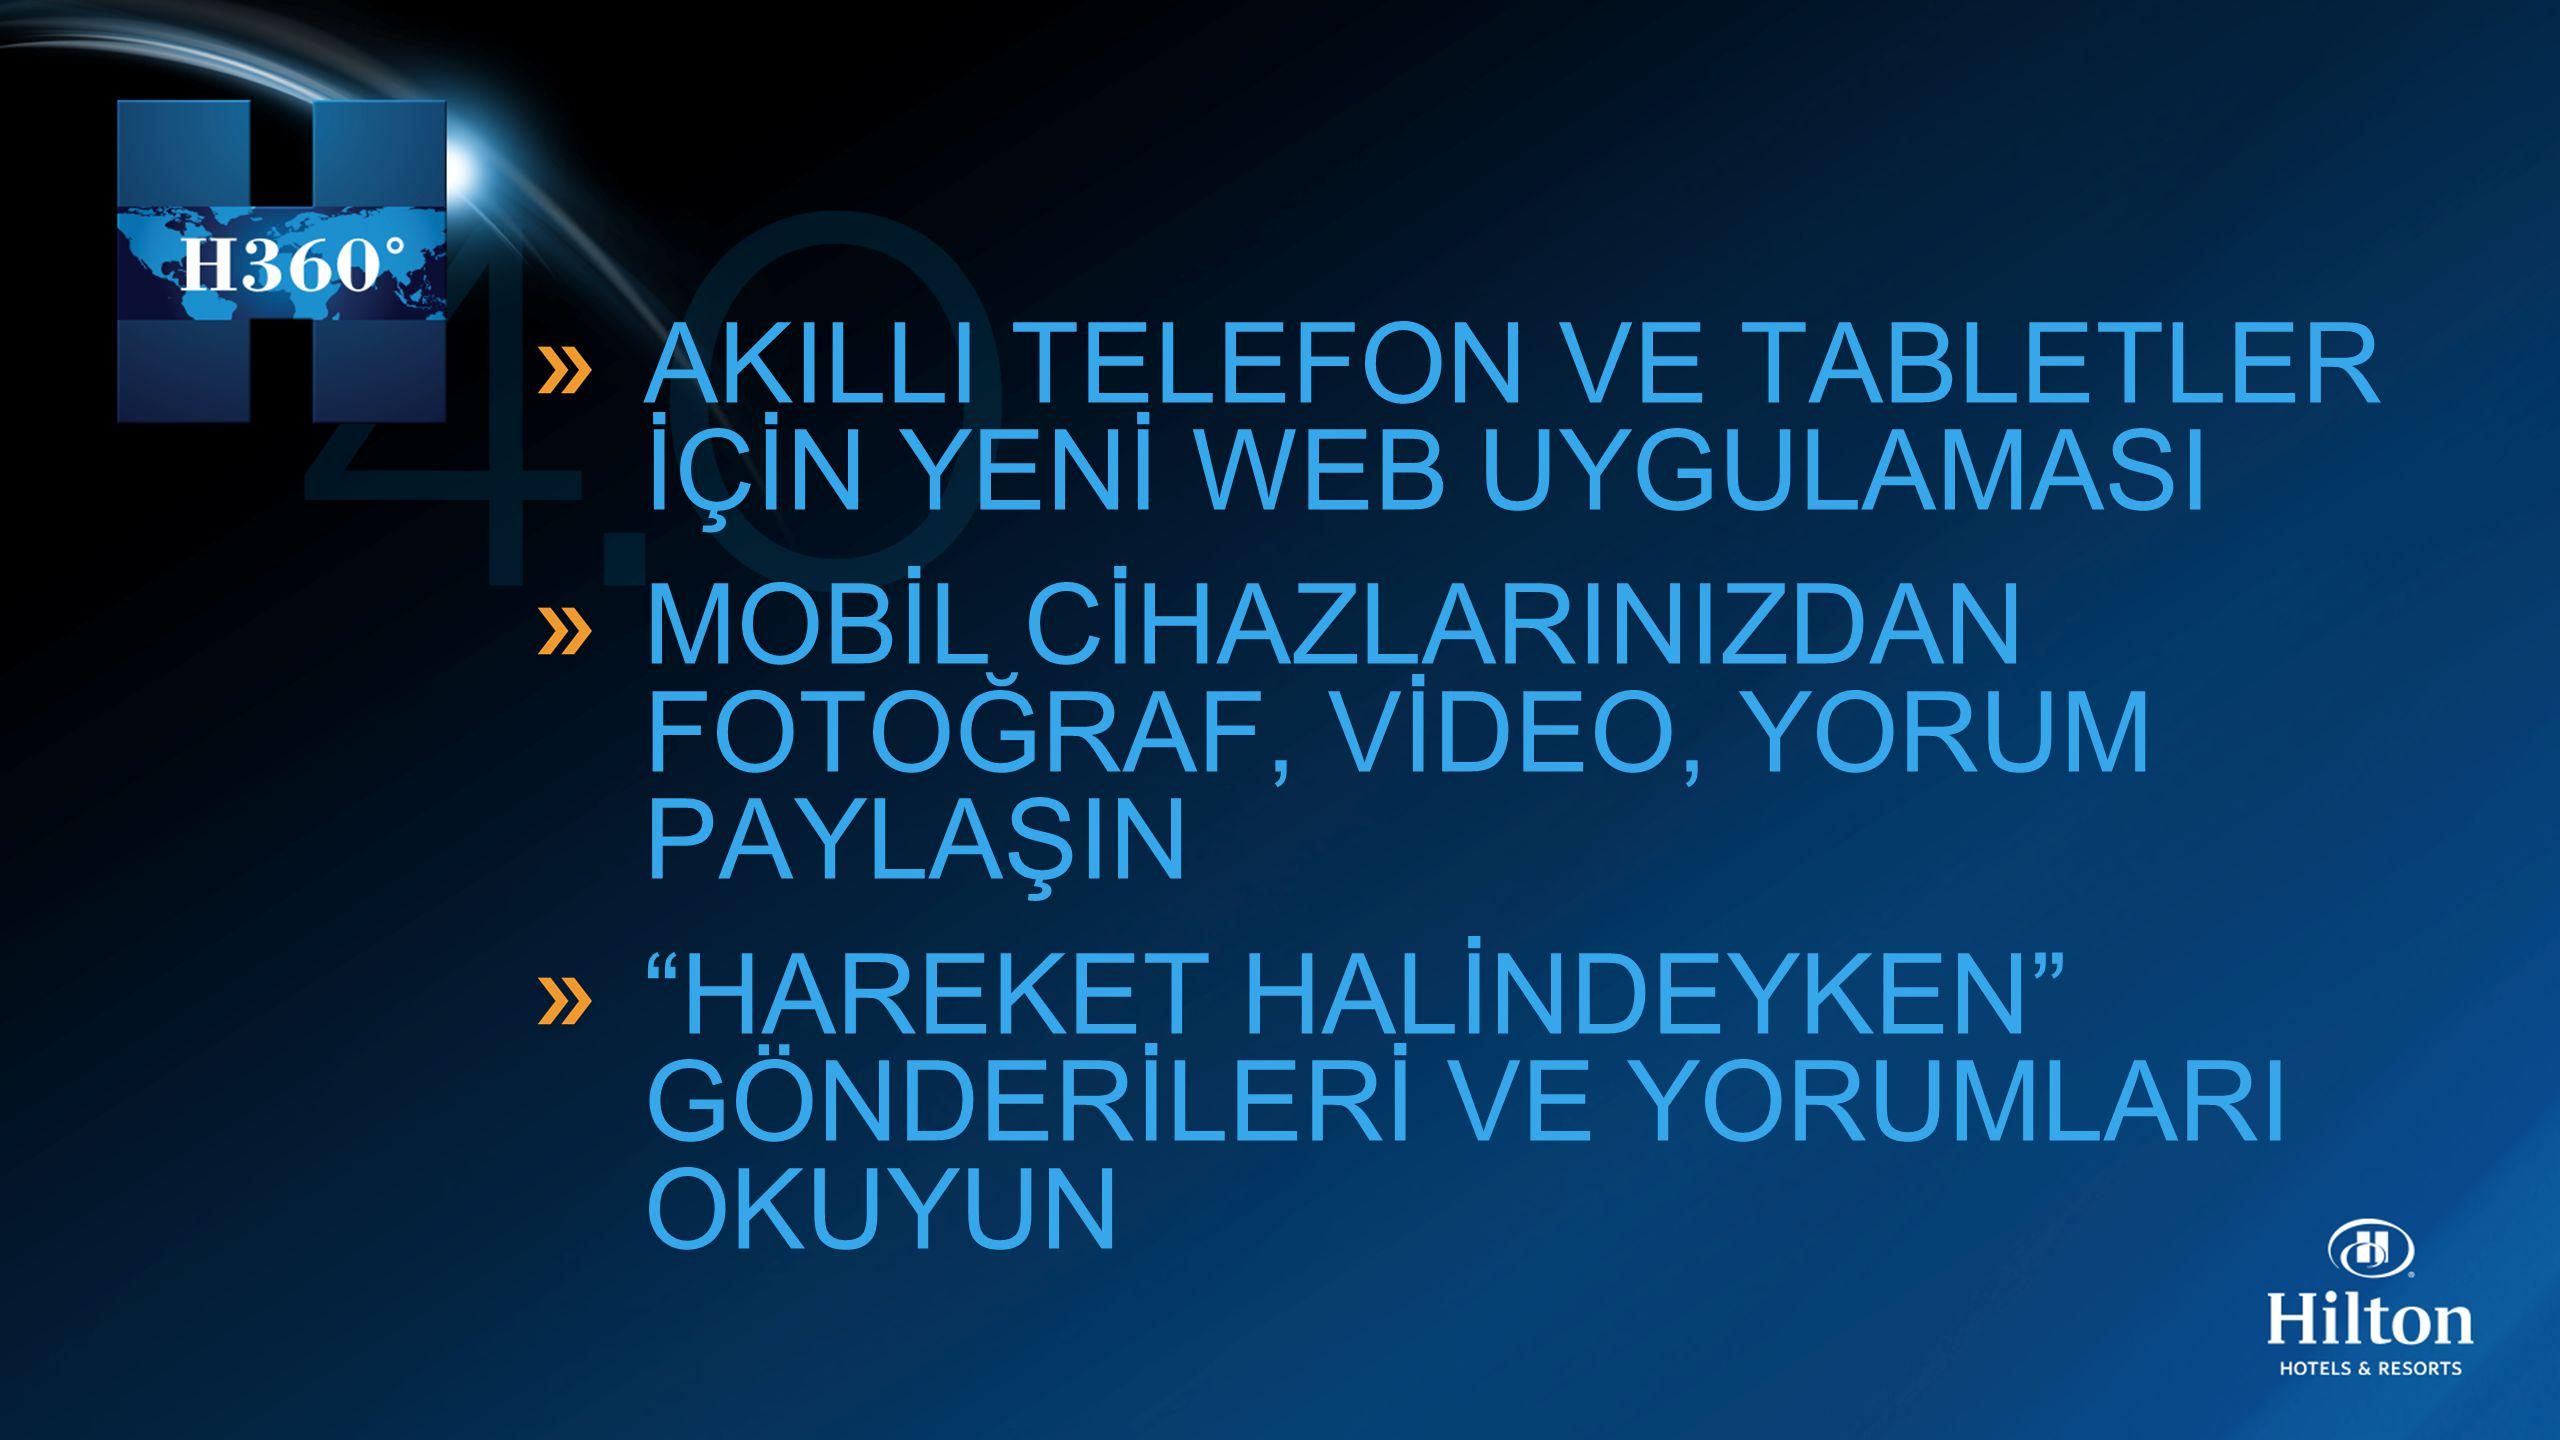 """AKILLI TELEFON VE TABLETLER İÇİN YENİ WEB UYGULAMASI MOBİL CİHAZLARINIZDAN FOTOĞRAF, VİDEO, YORUM PAYLAŞIN """"HAREKET HALİNDEYKEN"""" GÖNDERİLERİ VE YORUML"""